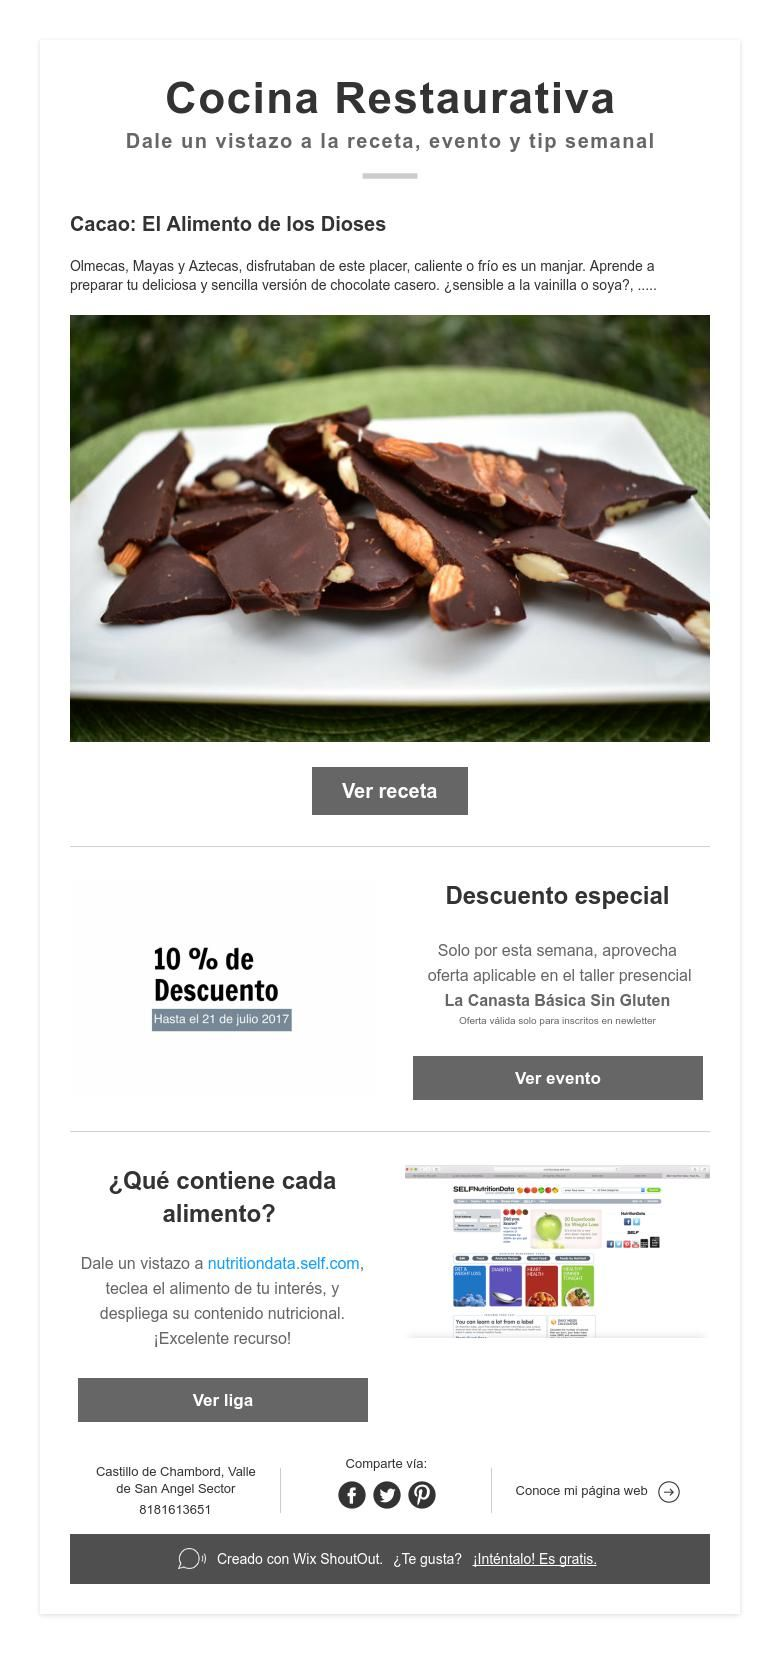 Cacao: El Alimento de los Dioses